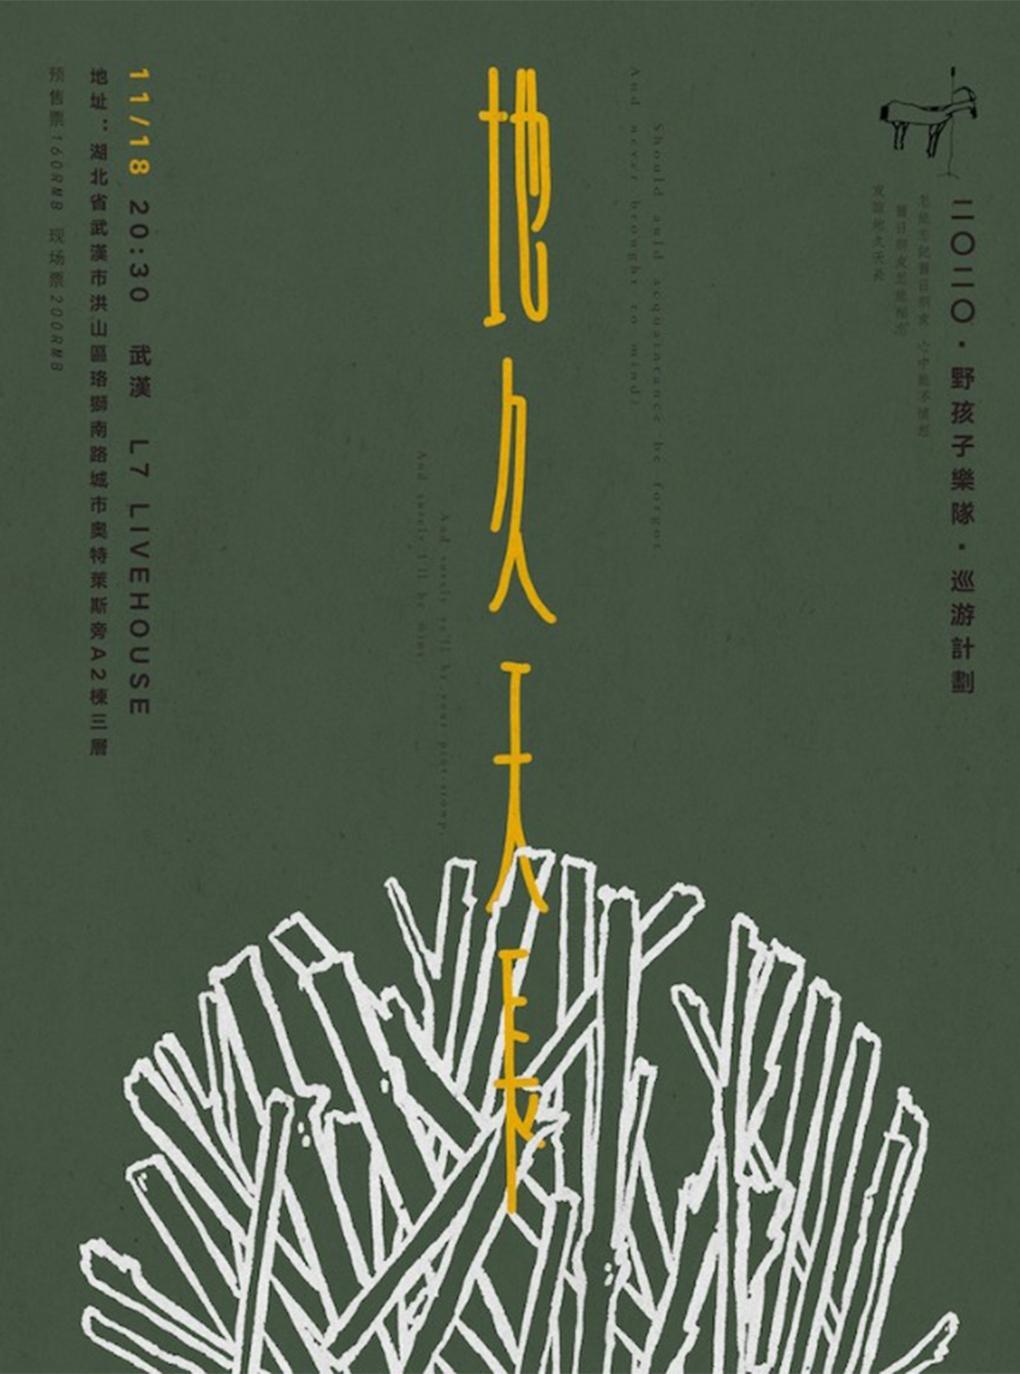 【武汉】地久天长—野孩子乐队2020巡演